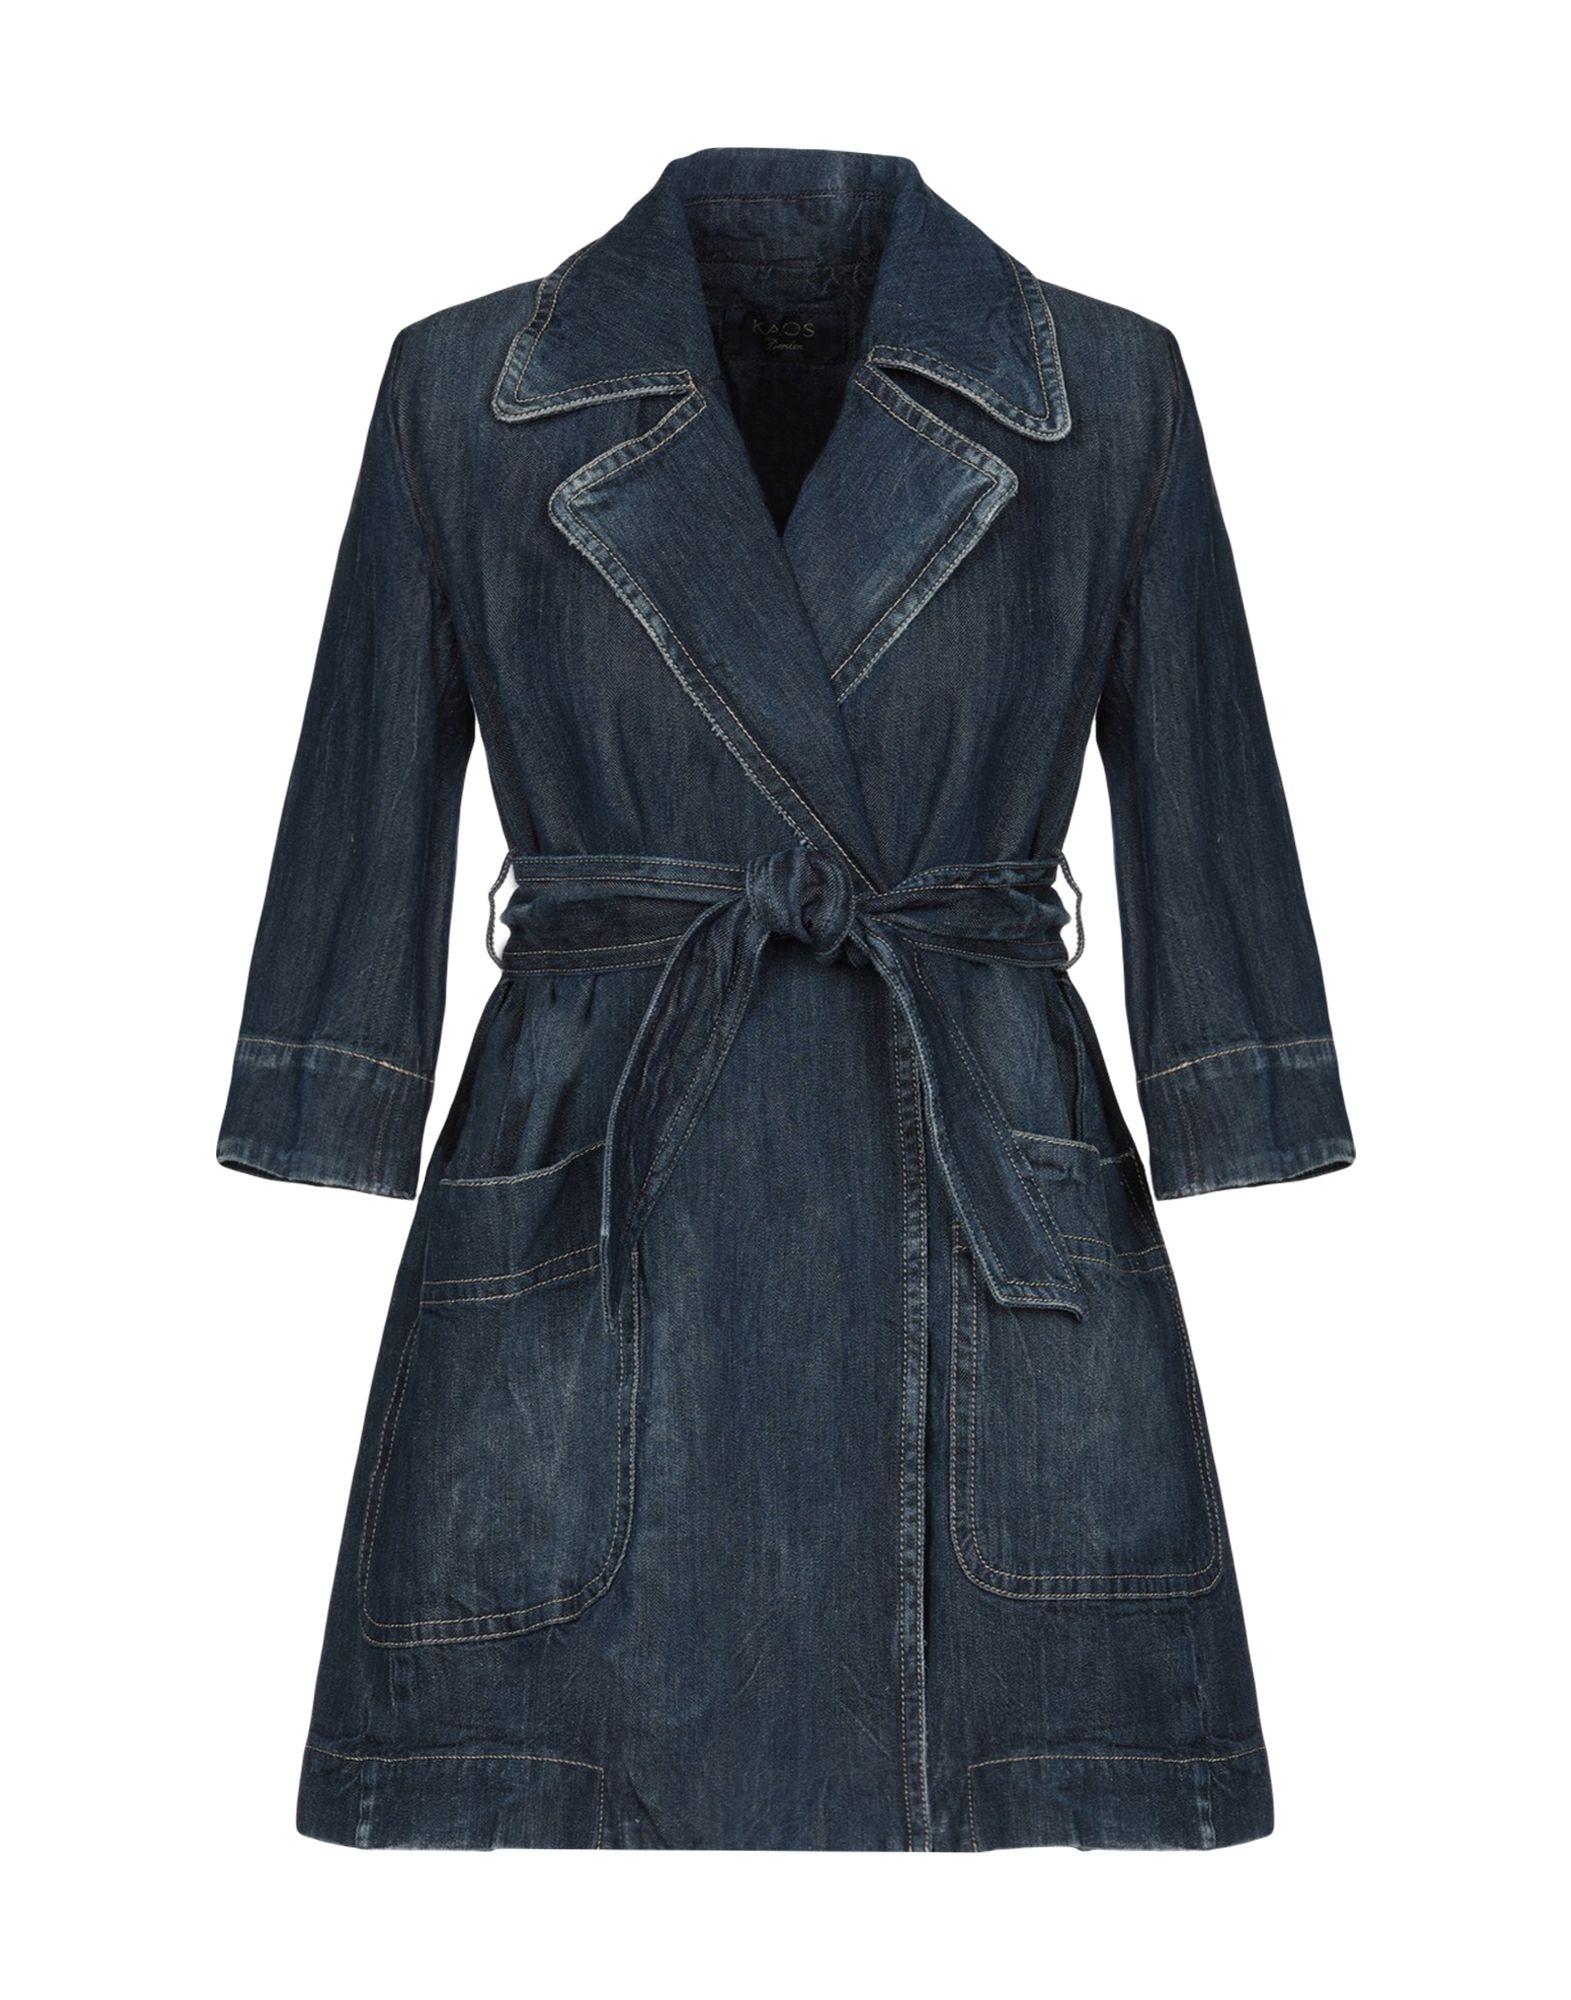 KAOS Джинсовая верхняя одежда брендовая одежда